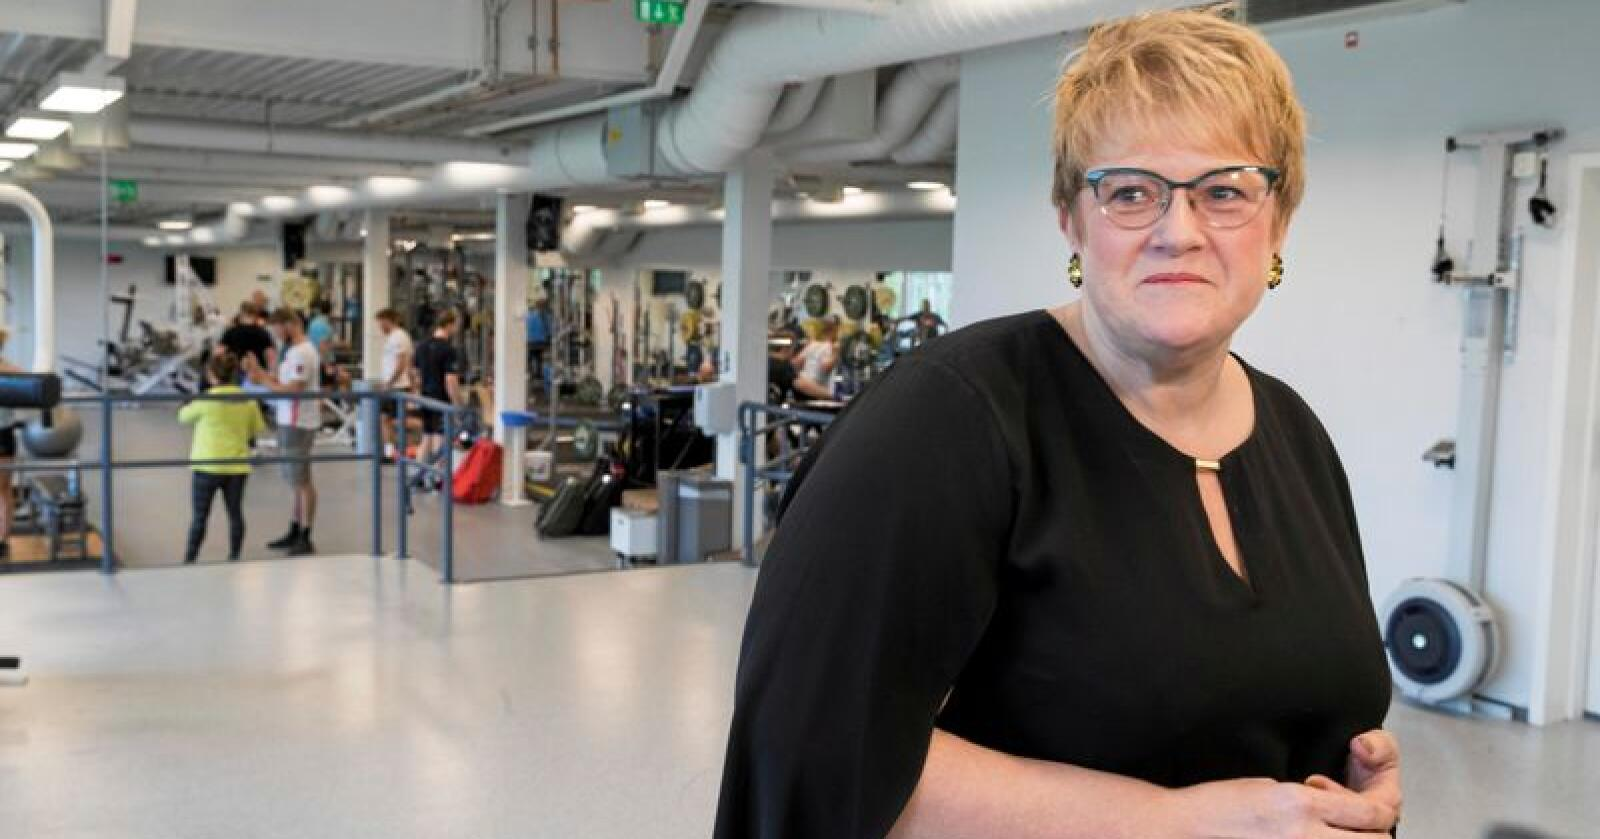 Kultur- og likestillingsminister Trine Skei Grande (V). Foto: Terje Pedersen/NTB scanpix